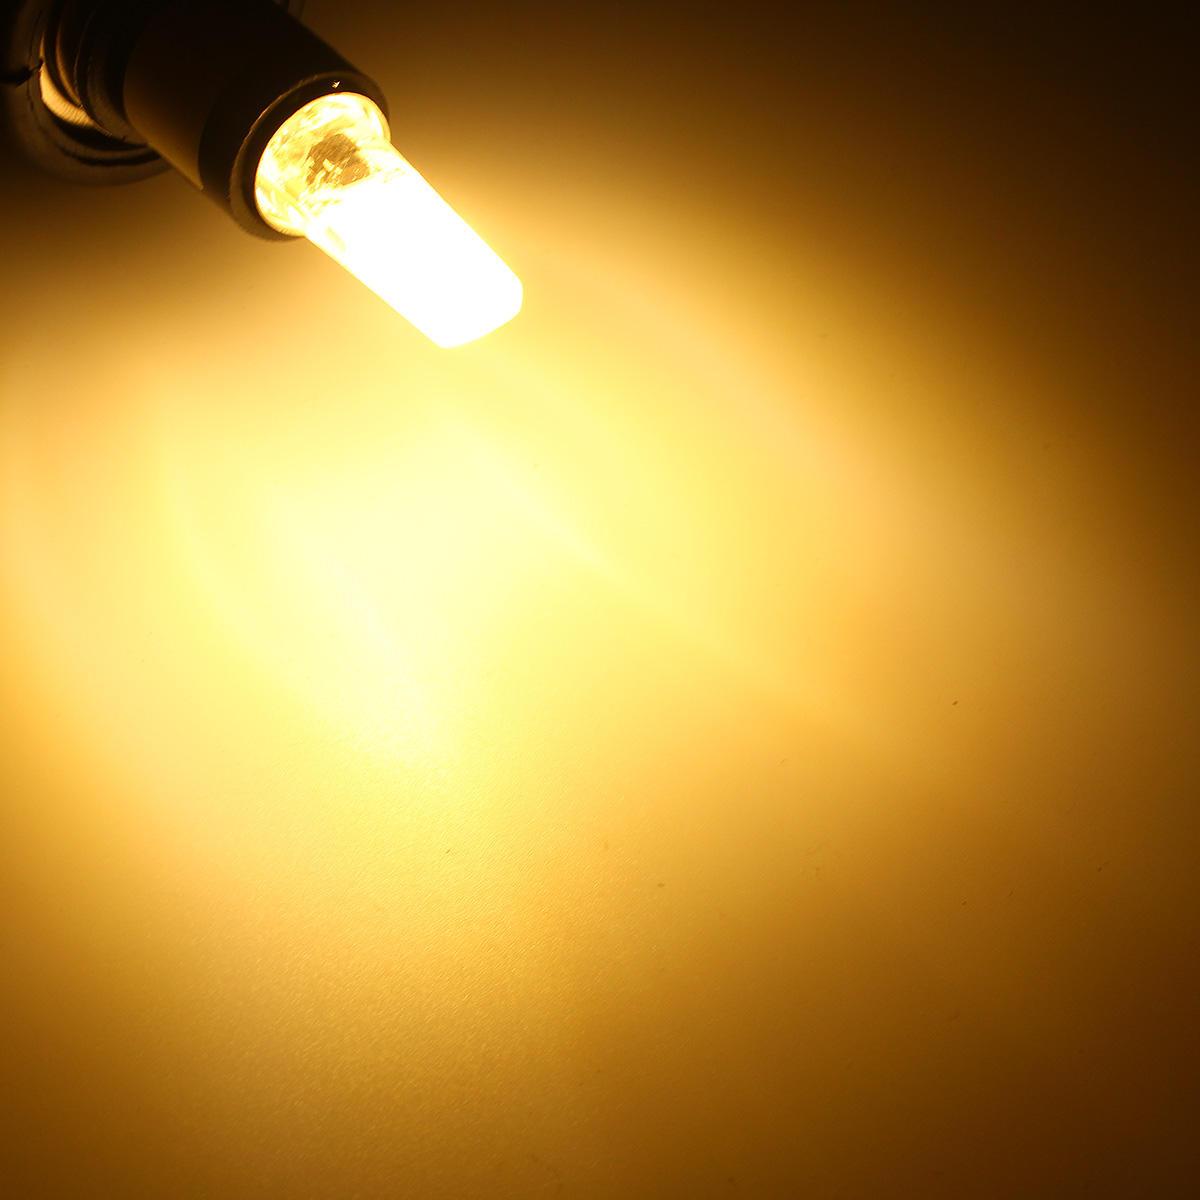 Dimmable E11 E12 E14 E17 G4 G8 G9 BA15D 2.5W LED COB Silicone Pure White Warm White Light Bulb 110V - 3